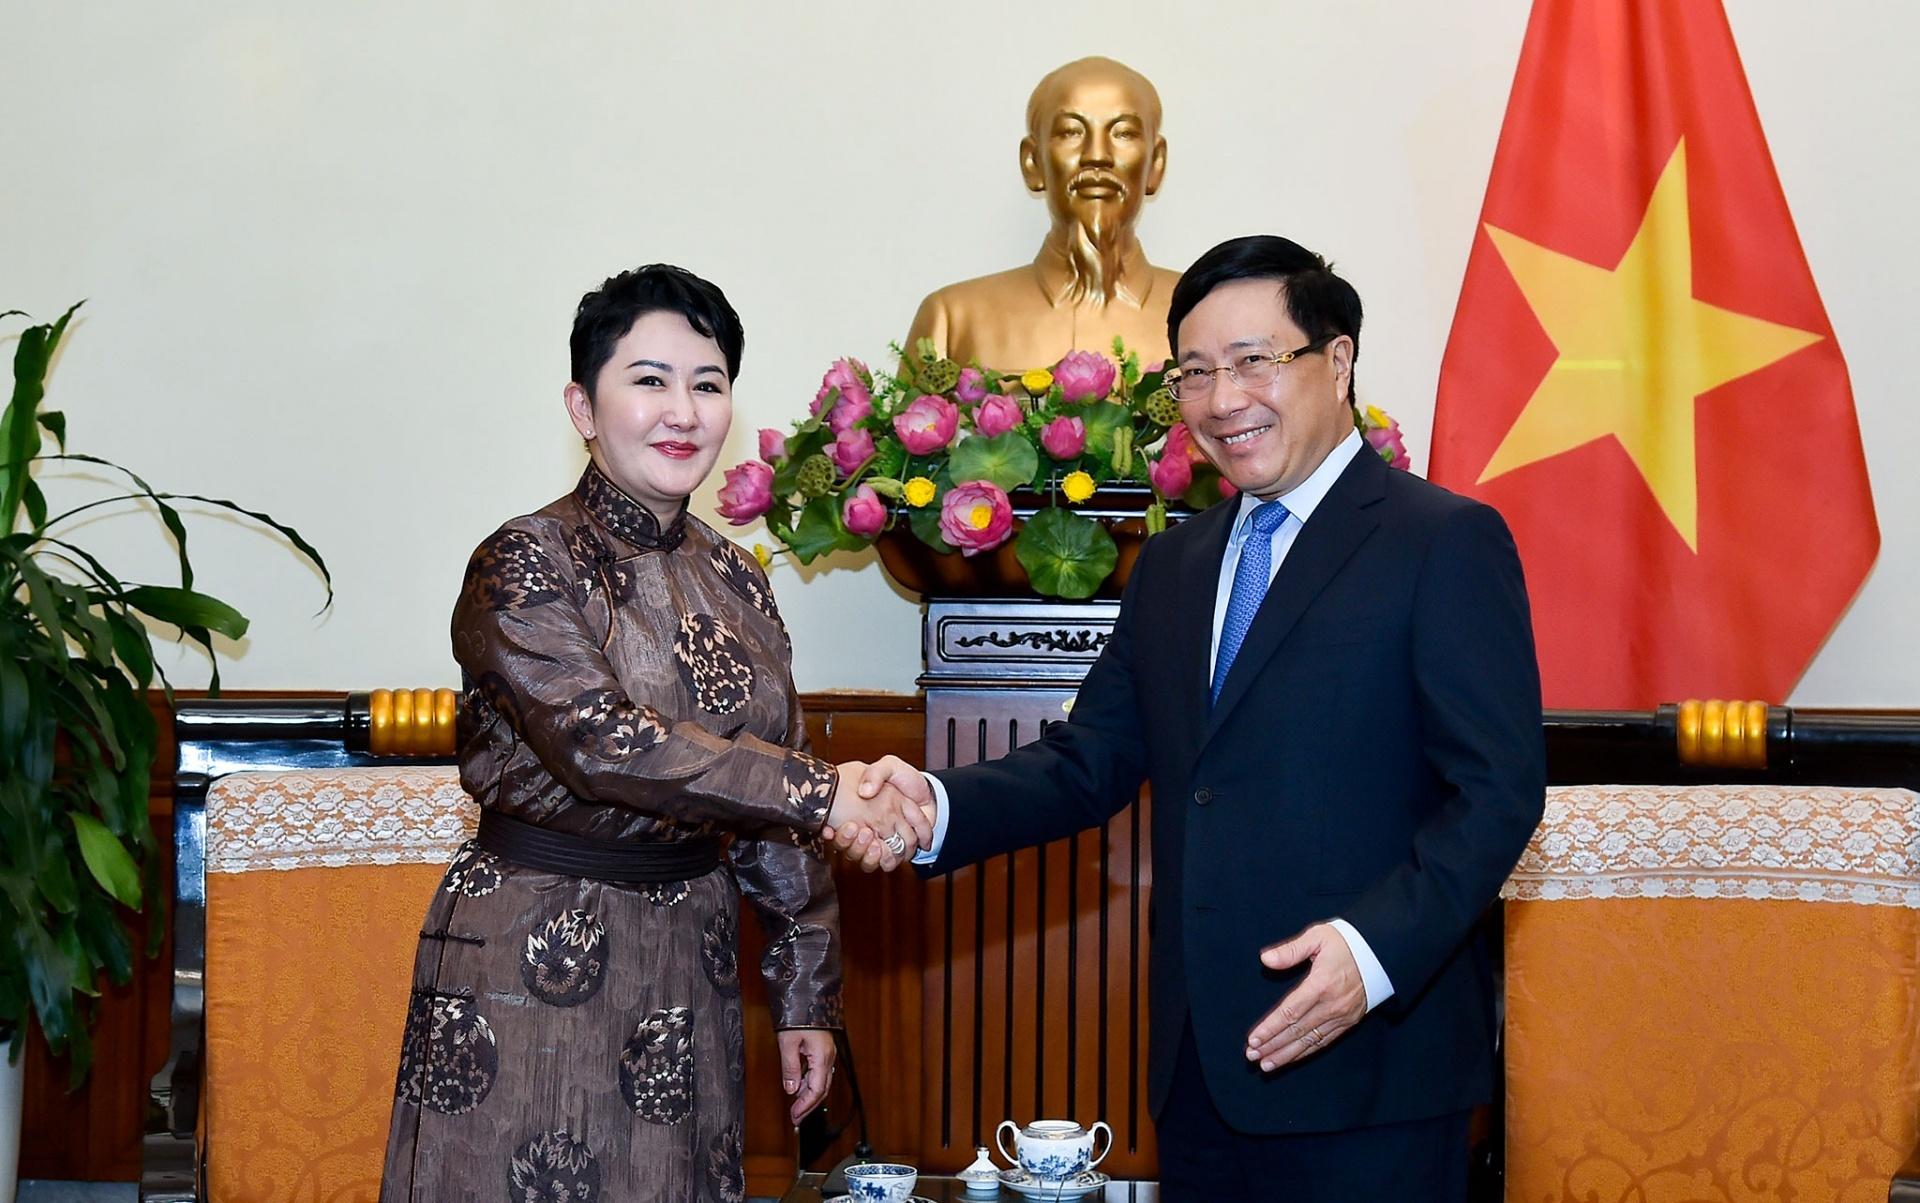 Thúc đẩy việc ký kết các văn kiện hợp tác Việt Nam - Mông Cổ